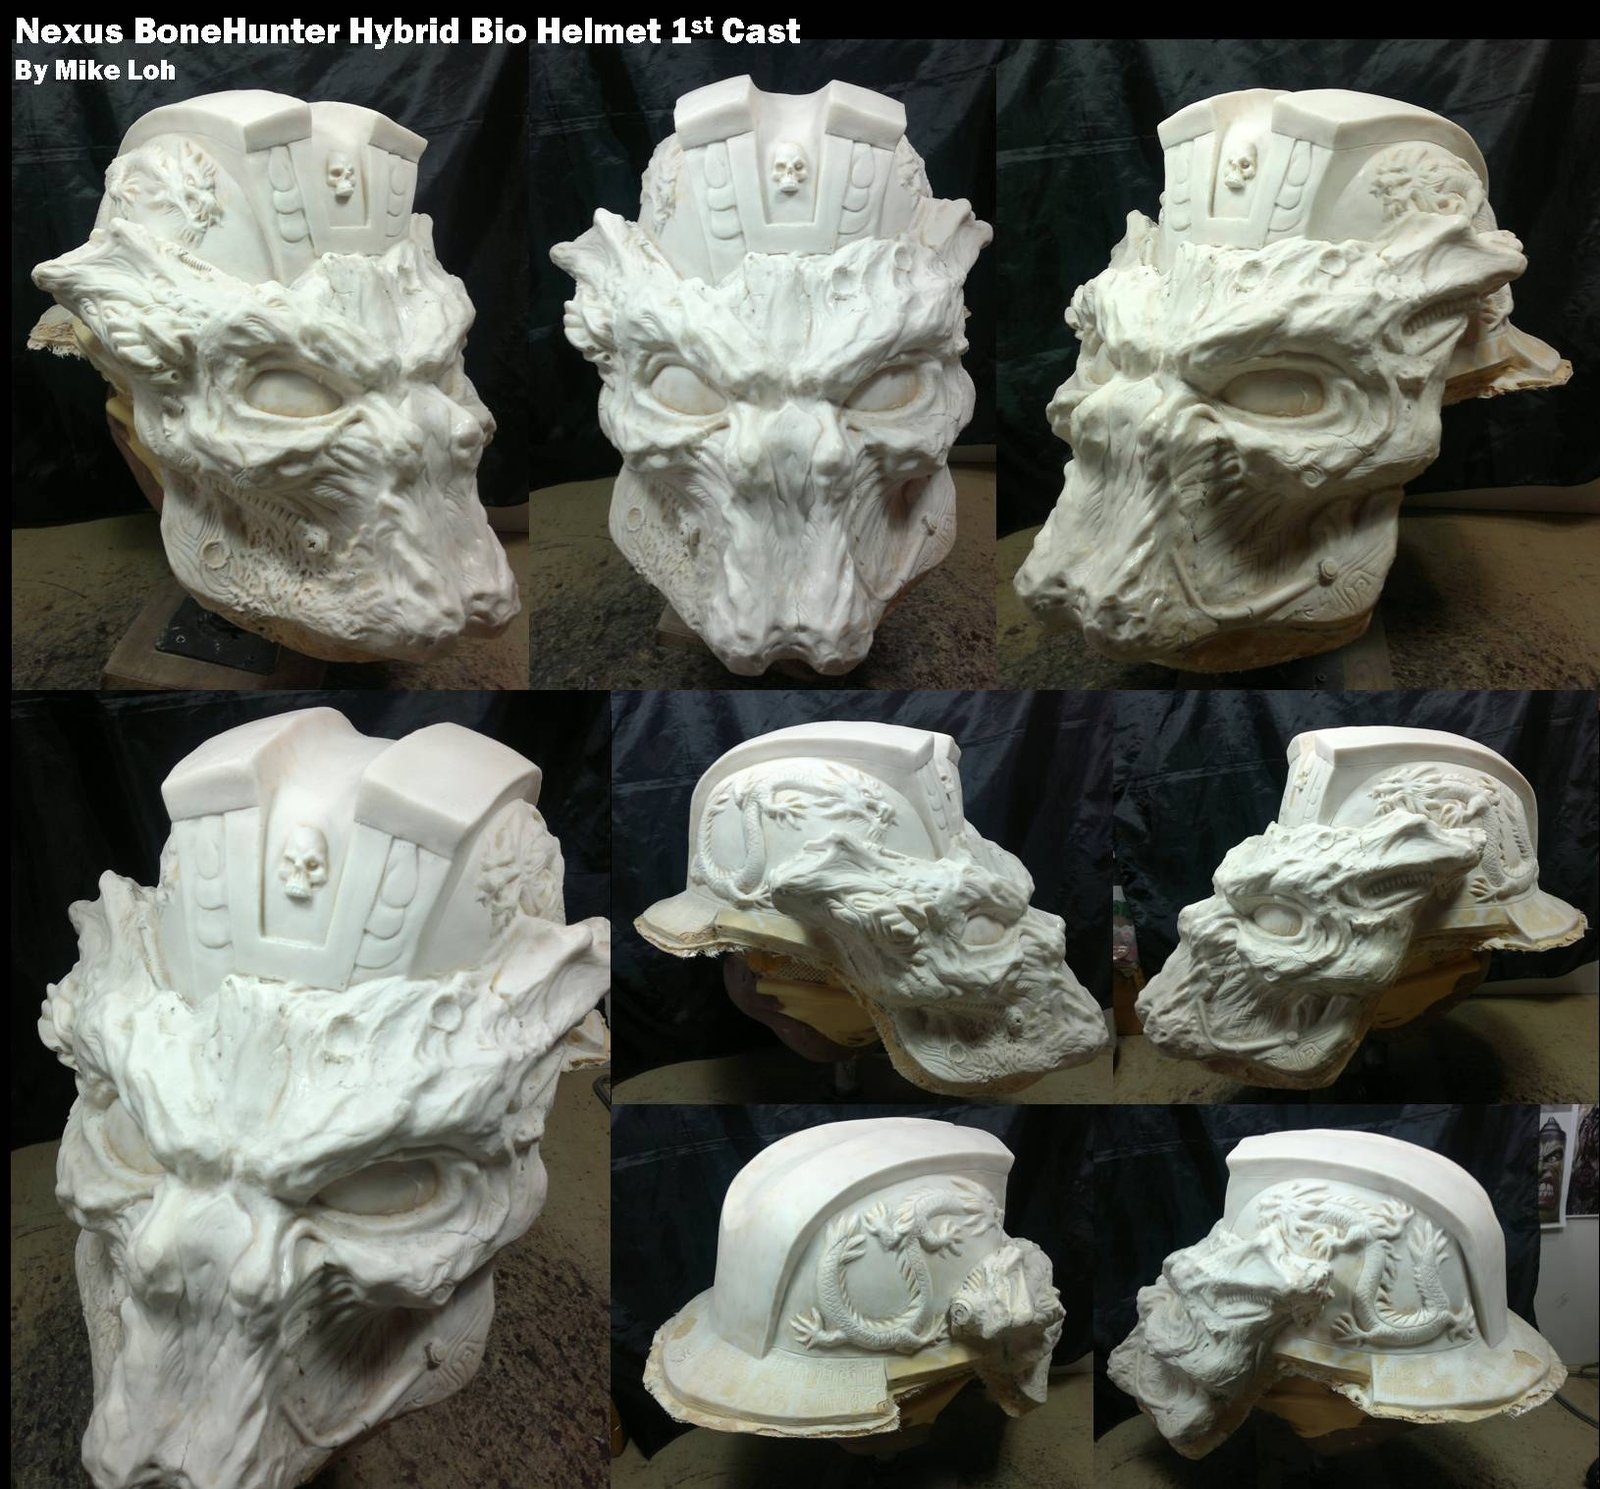 nexus_hybrid_bone_hunter_helmet_cast_by_michaelloh-d4qrvig.jpg